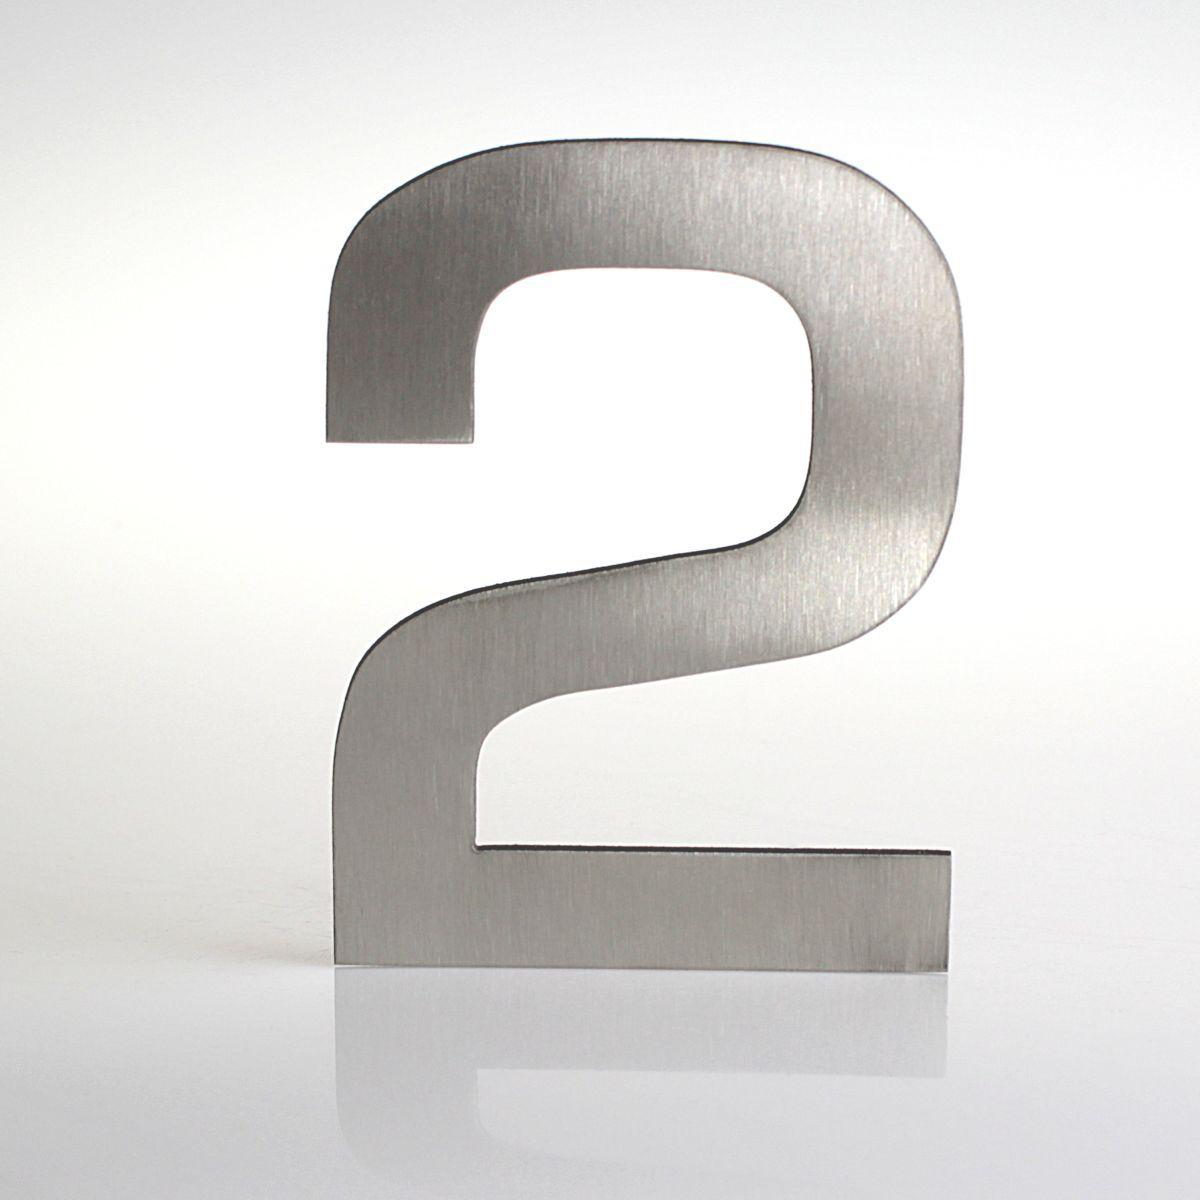 Domovní číslo popisné Nerez EUROMODE - č. 2